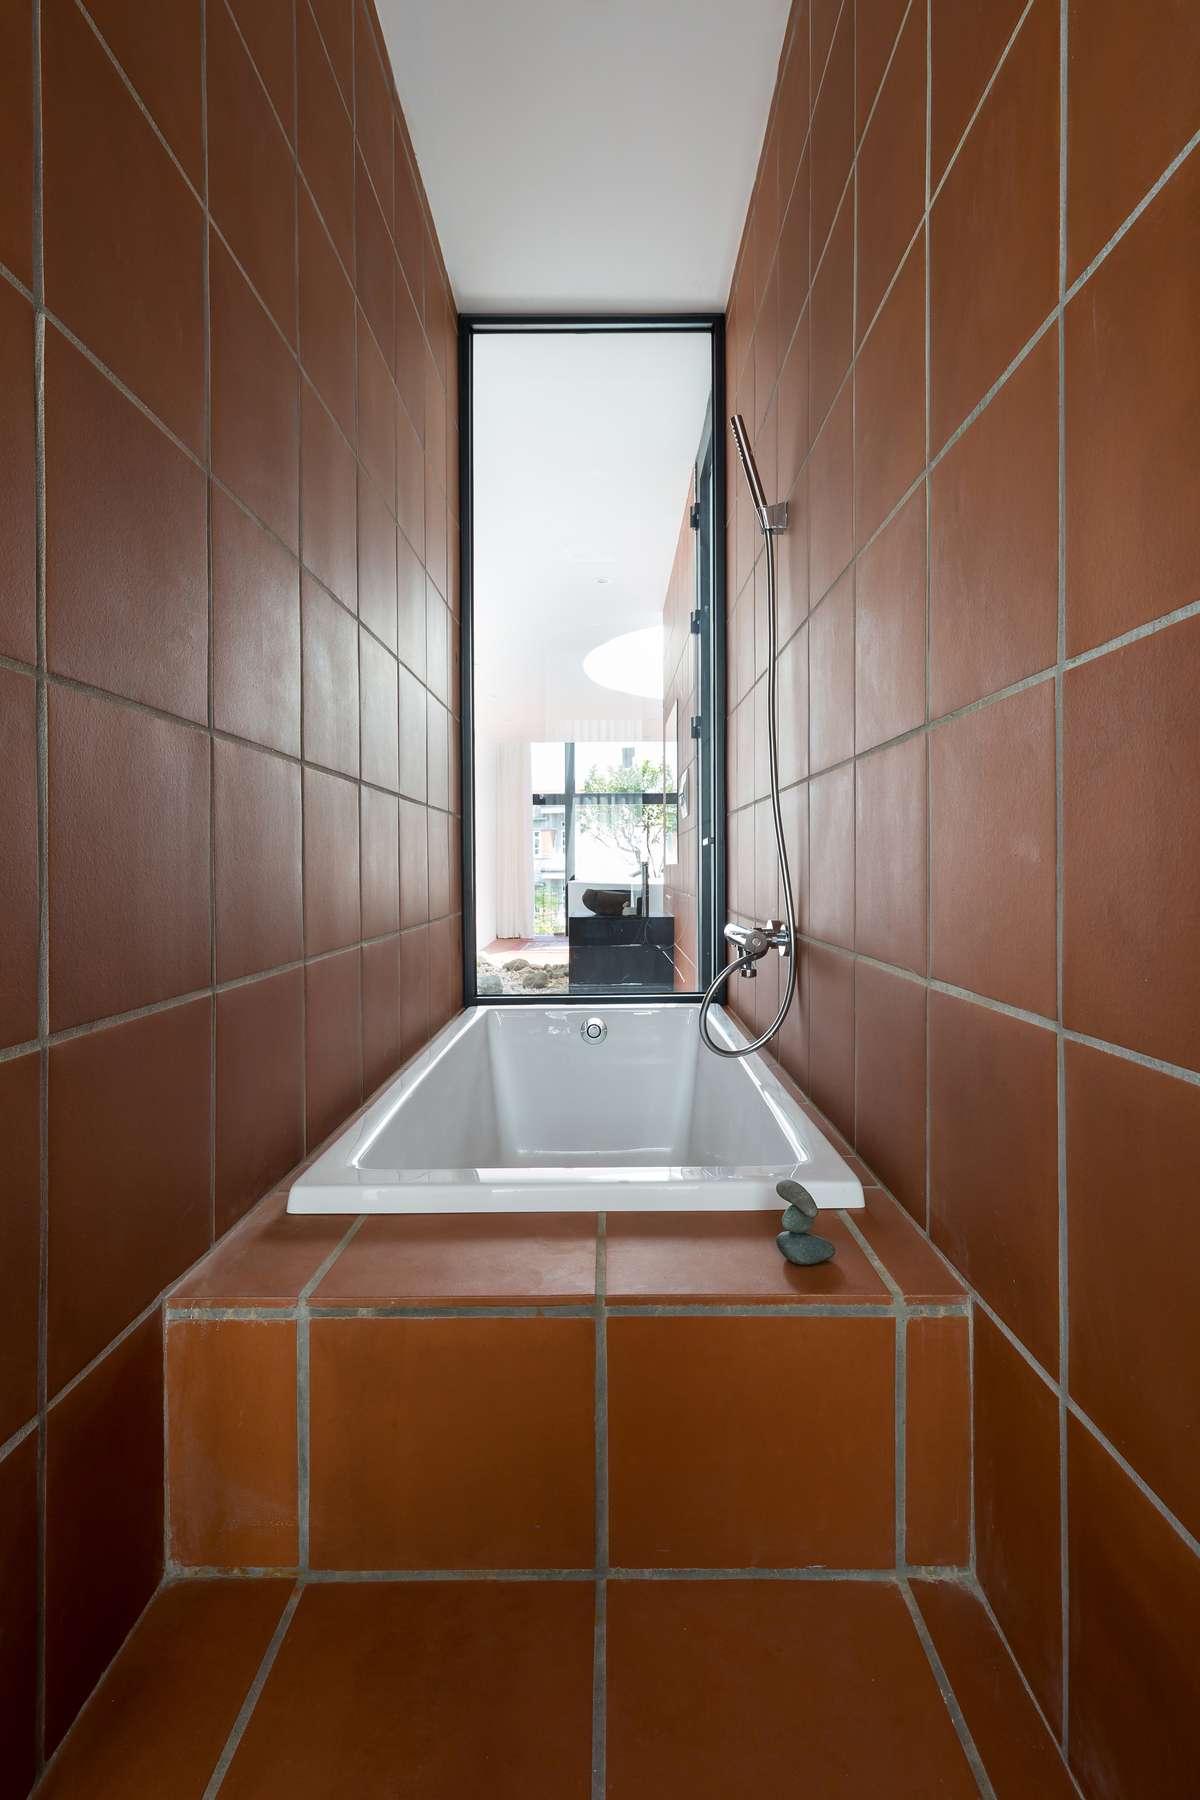 Đen (thép) – Trắng (tường) – Đỏ (đất nung) là ba yếu tố vật liệu xuyên suốt nội ngoại thất công trình.